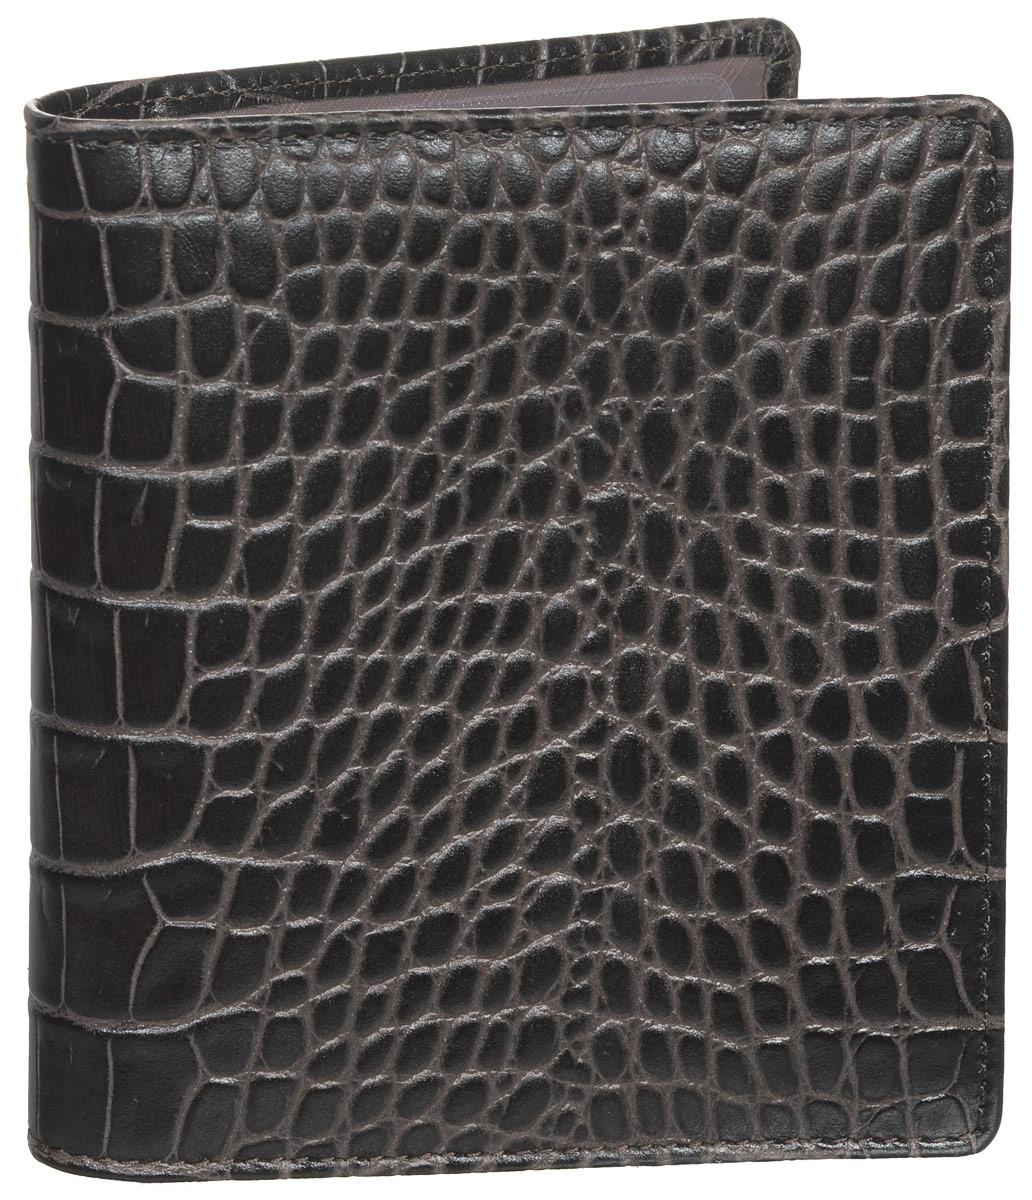 Визитница женская Fabula Croco Nile, цвет: темно-коричневый. V.57/1.KRV.57/1.KR млечный лесЖенская визитница Fabula Croco Nile выполнена из высококачественной натуральной кожи с фактурным тиснением под крокодила. Внутри имеется два кармана и блок из двадцати двойных отделений для визиток из прозрачного пластика. Изделие упаковано в фирменную коробку. Такая визитница станет отличным подарком для человека, ценящего качественные и практичные вещи.